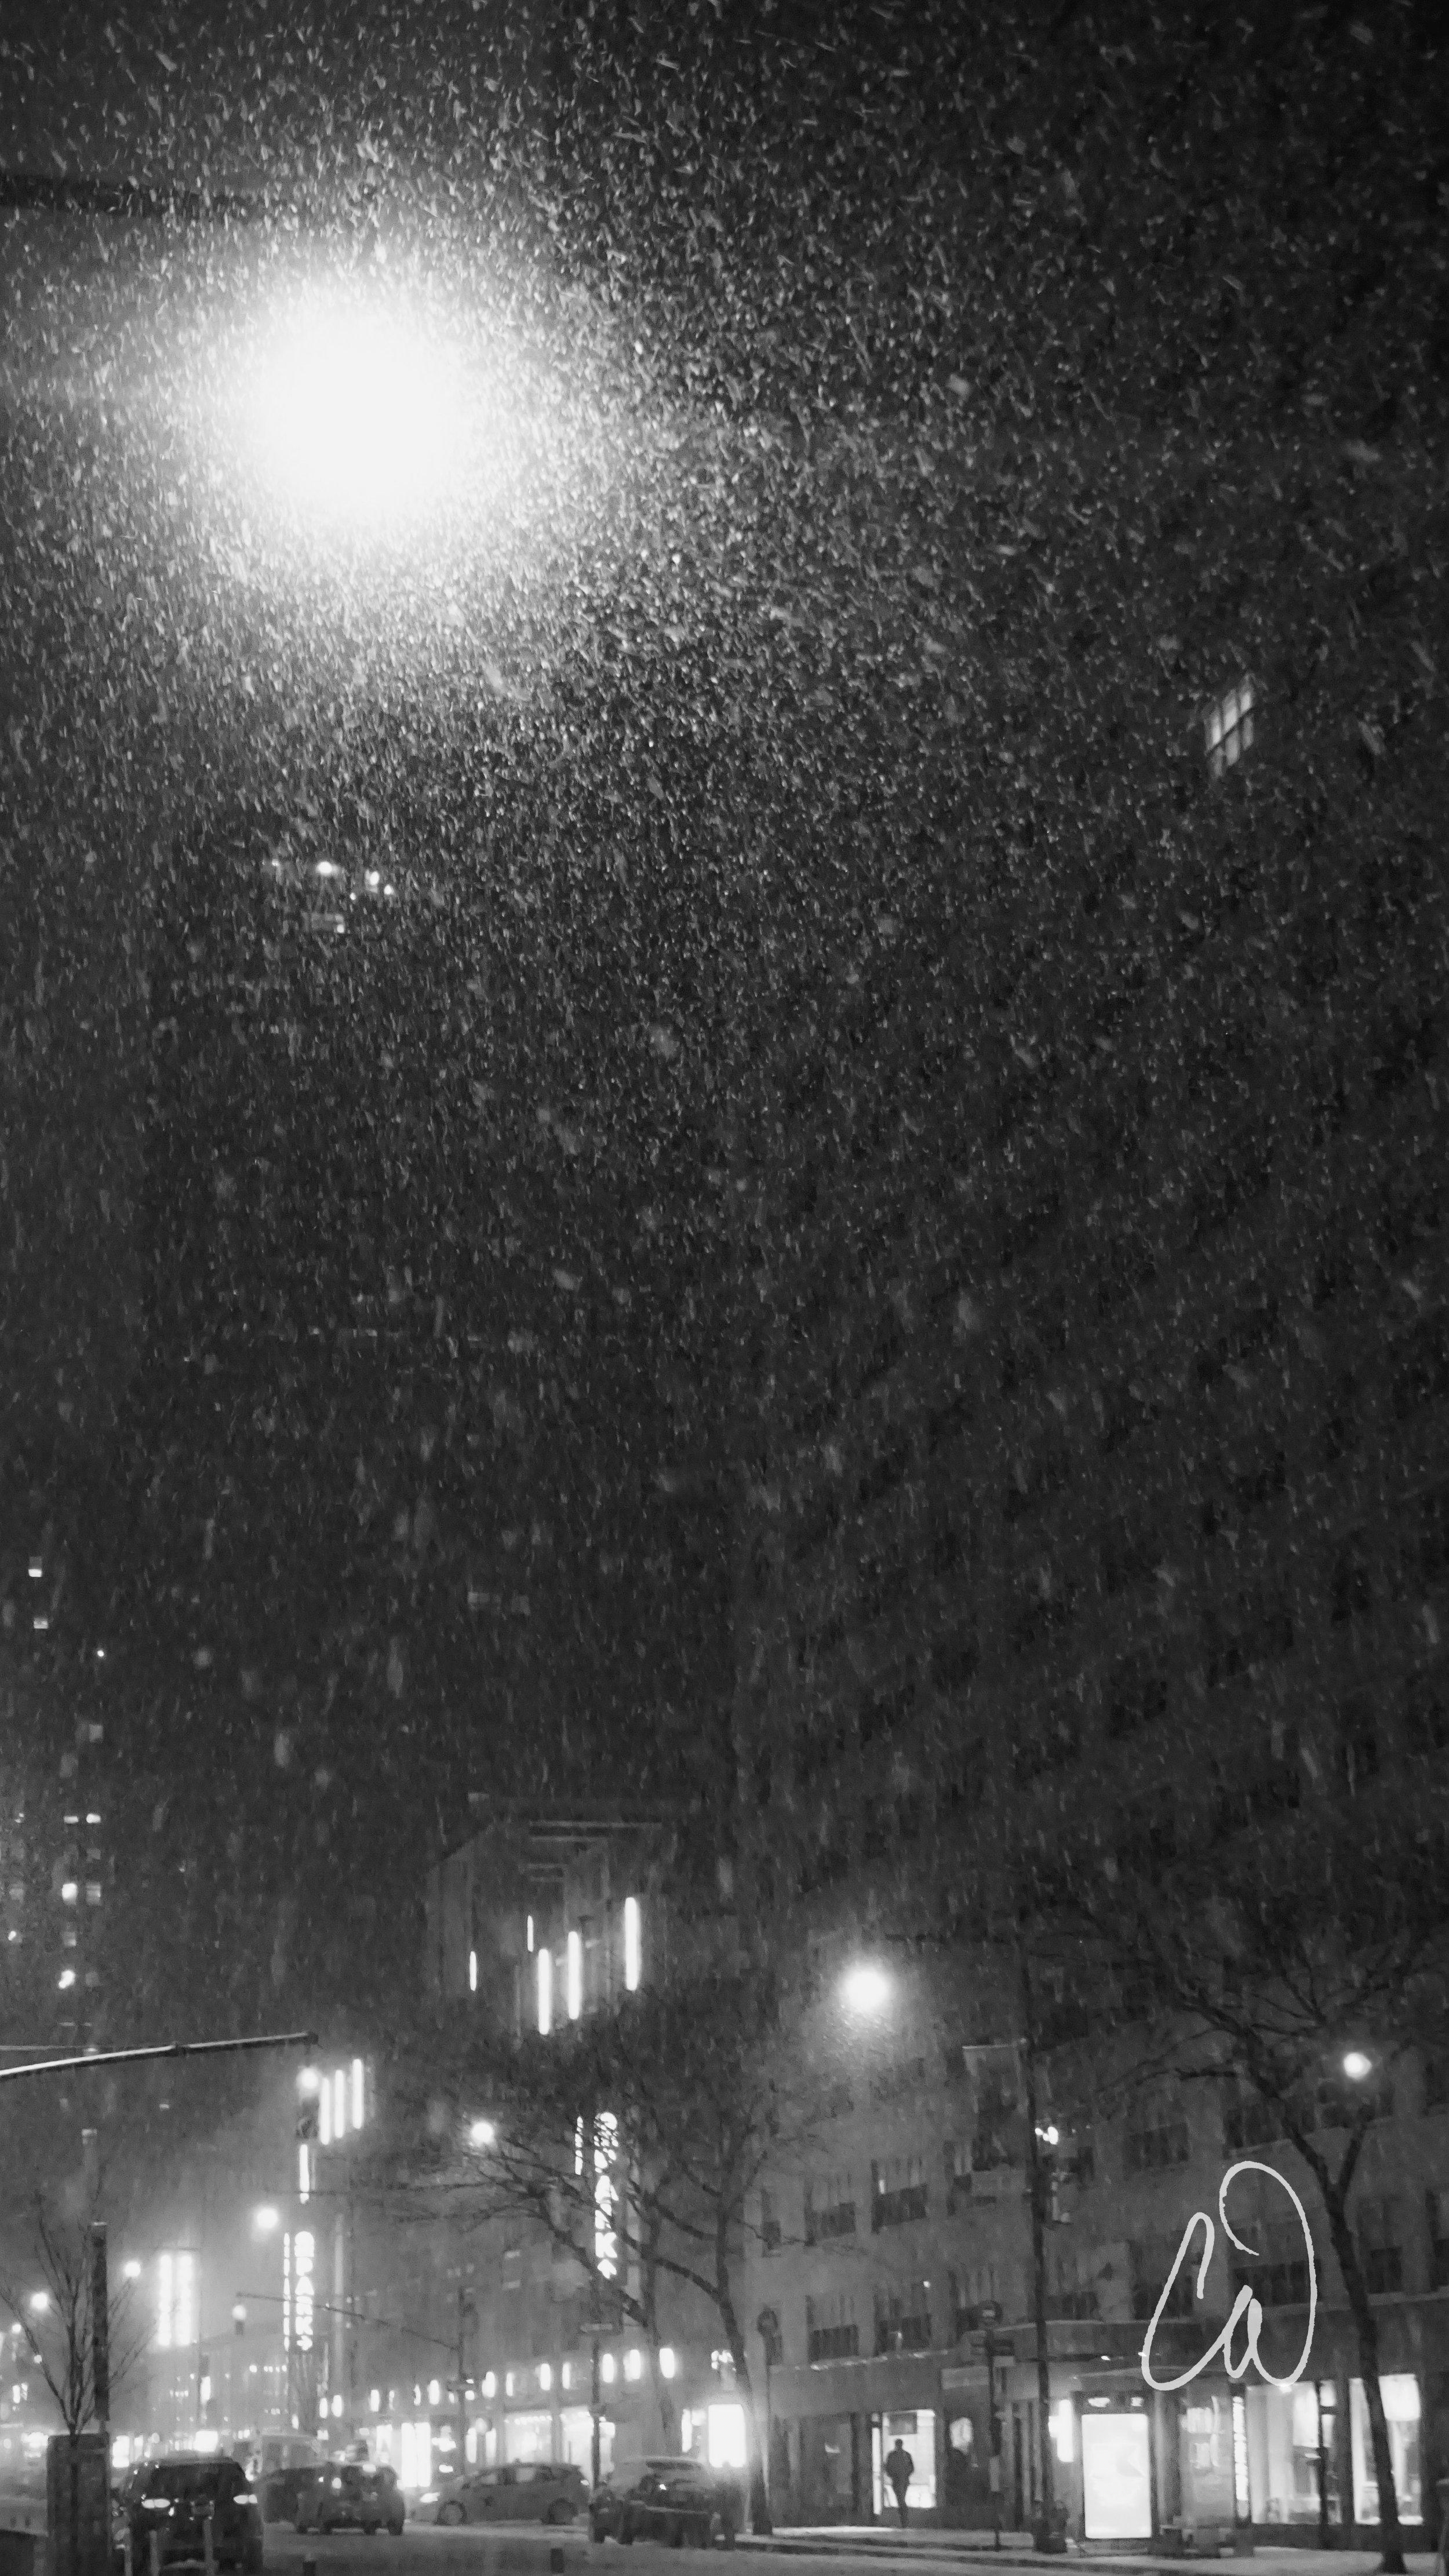 Snowfall8aveLogo.jpg